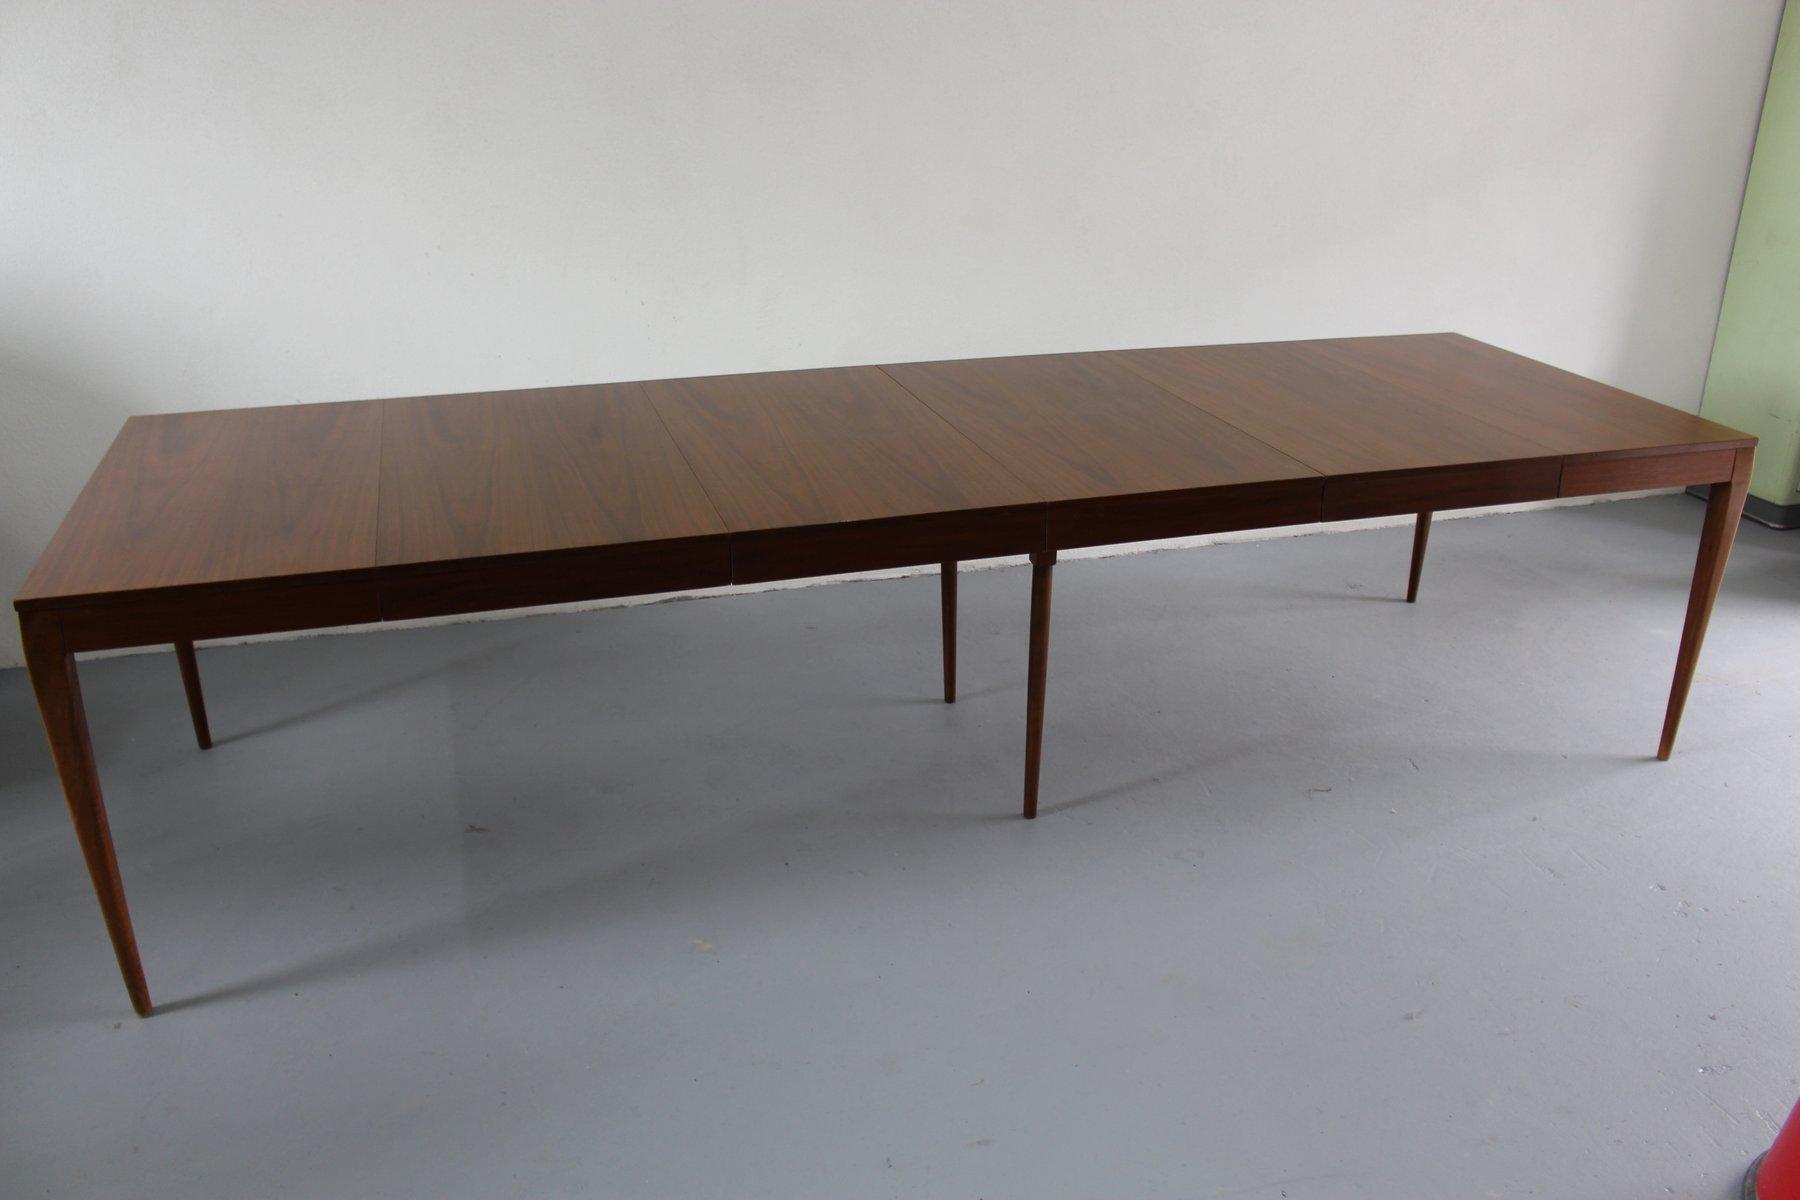 Großer Ausziehbarer Esstisch Von Paul McCobb Für WKMöbel